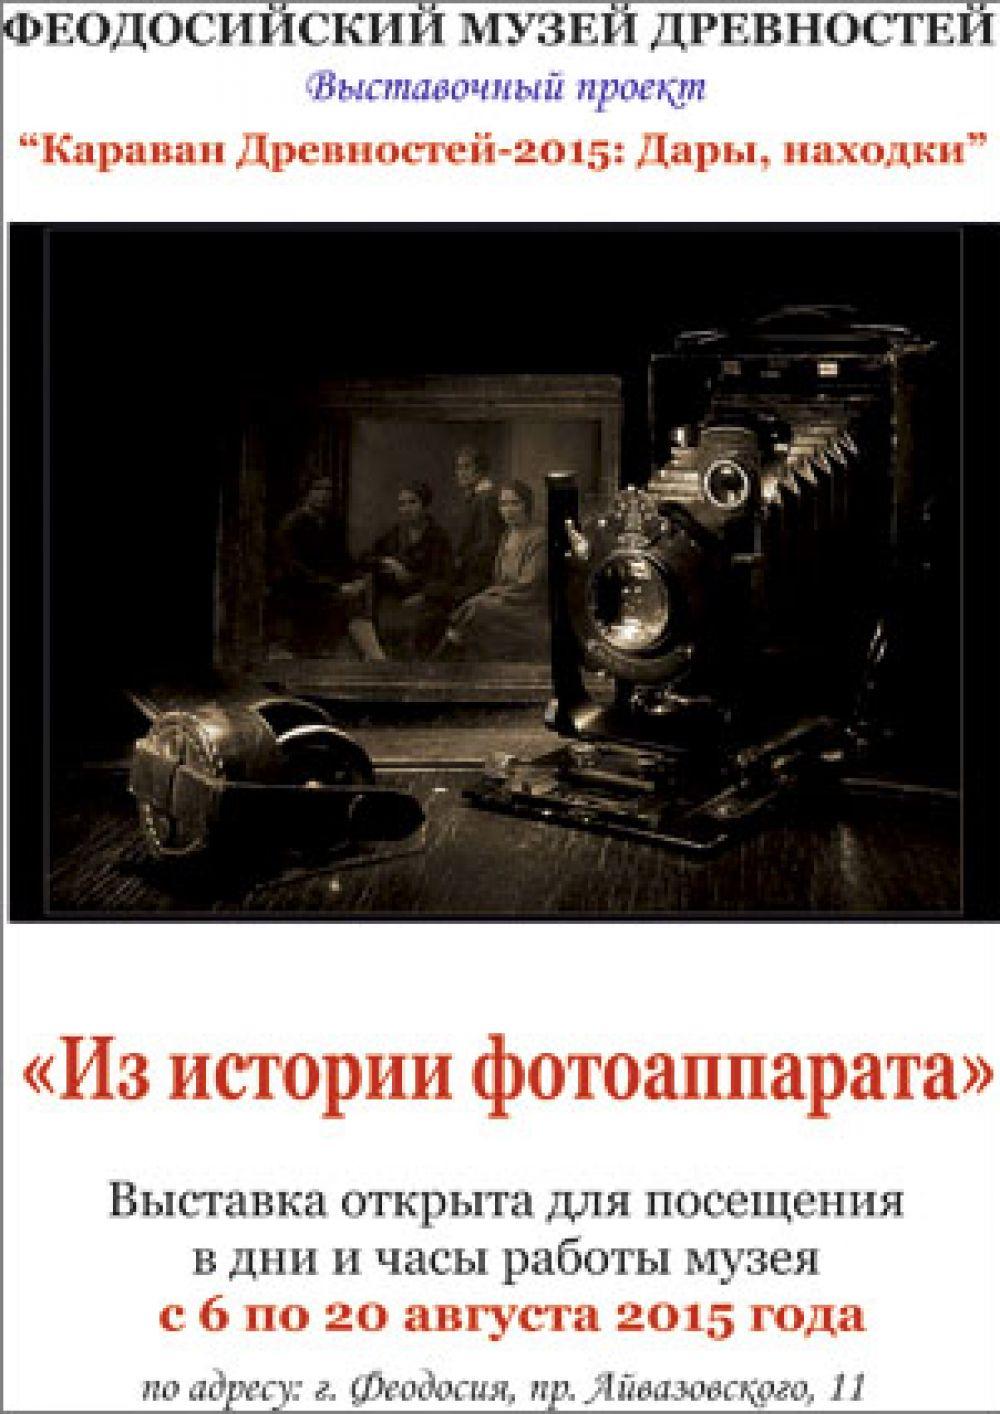 В Феодосийском музее древностей открылась выставка, посвященная истории фотографической техники